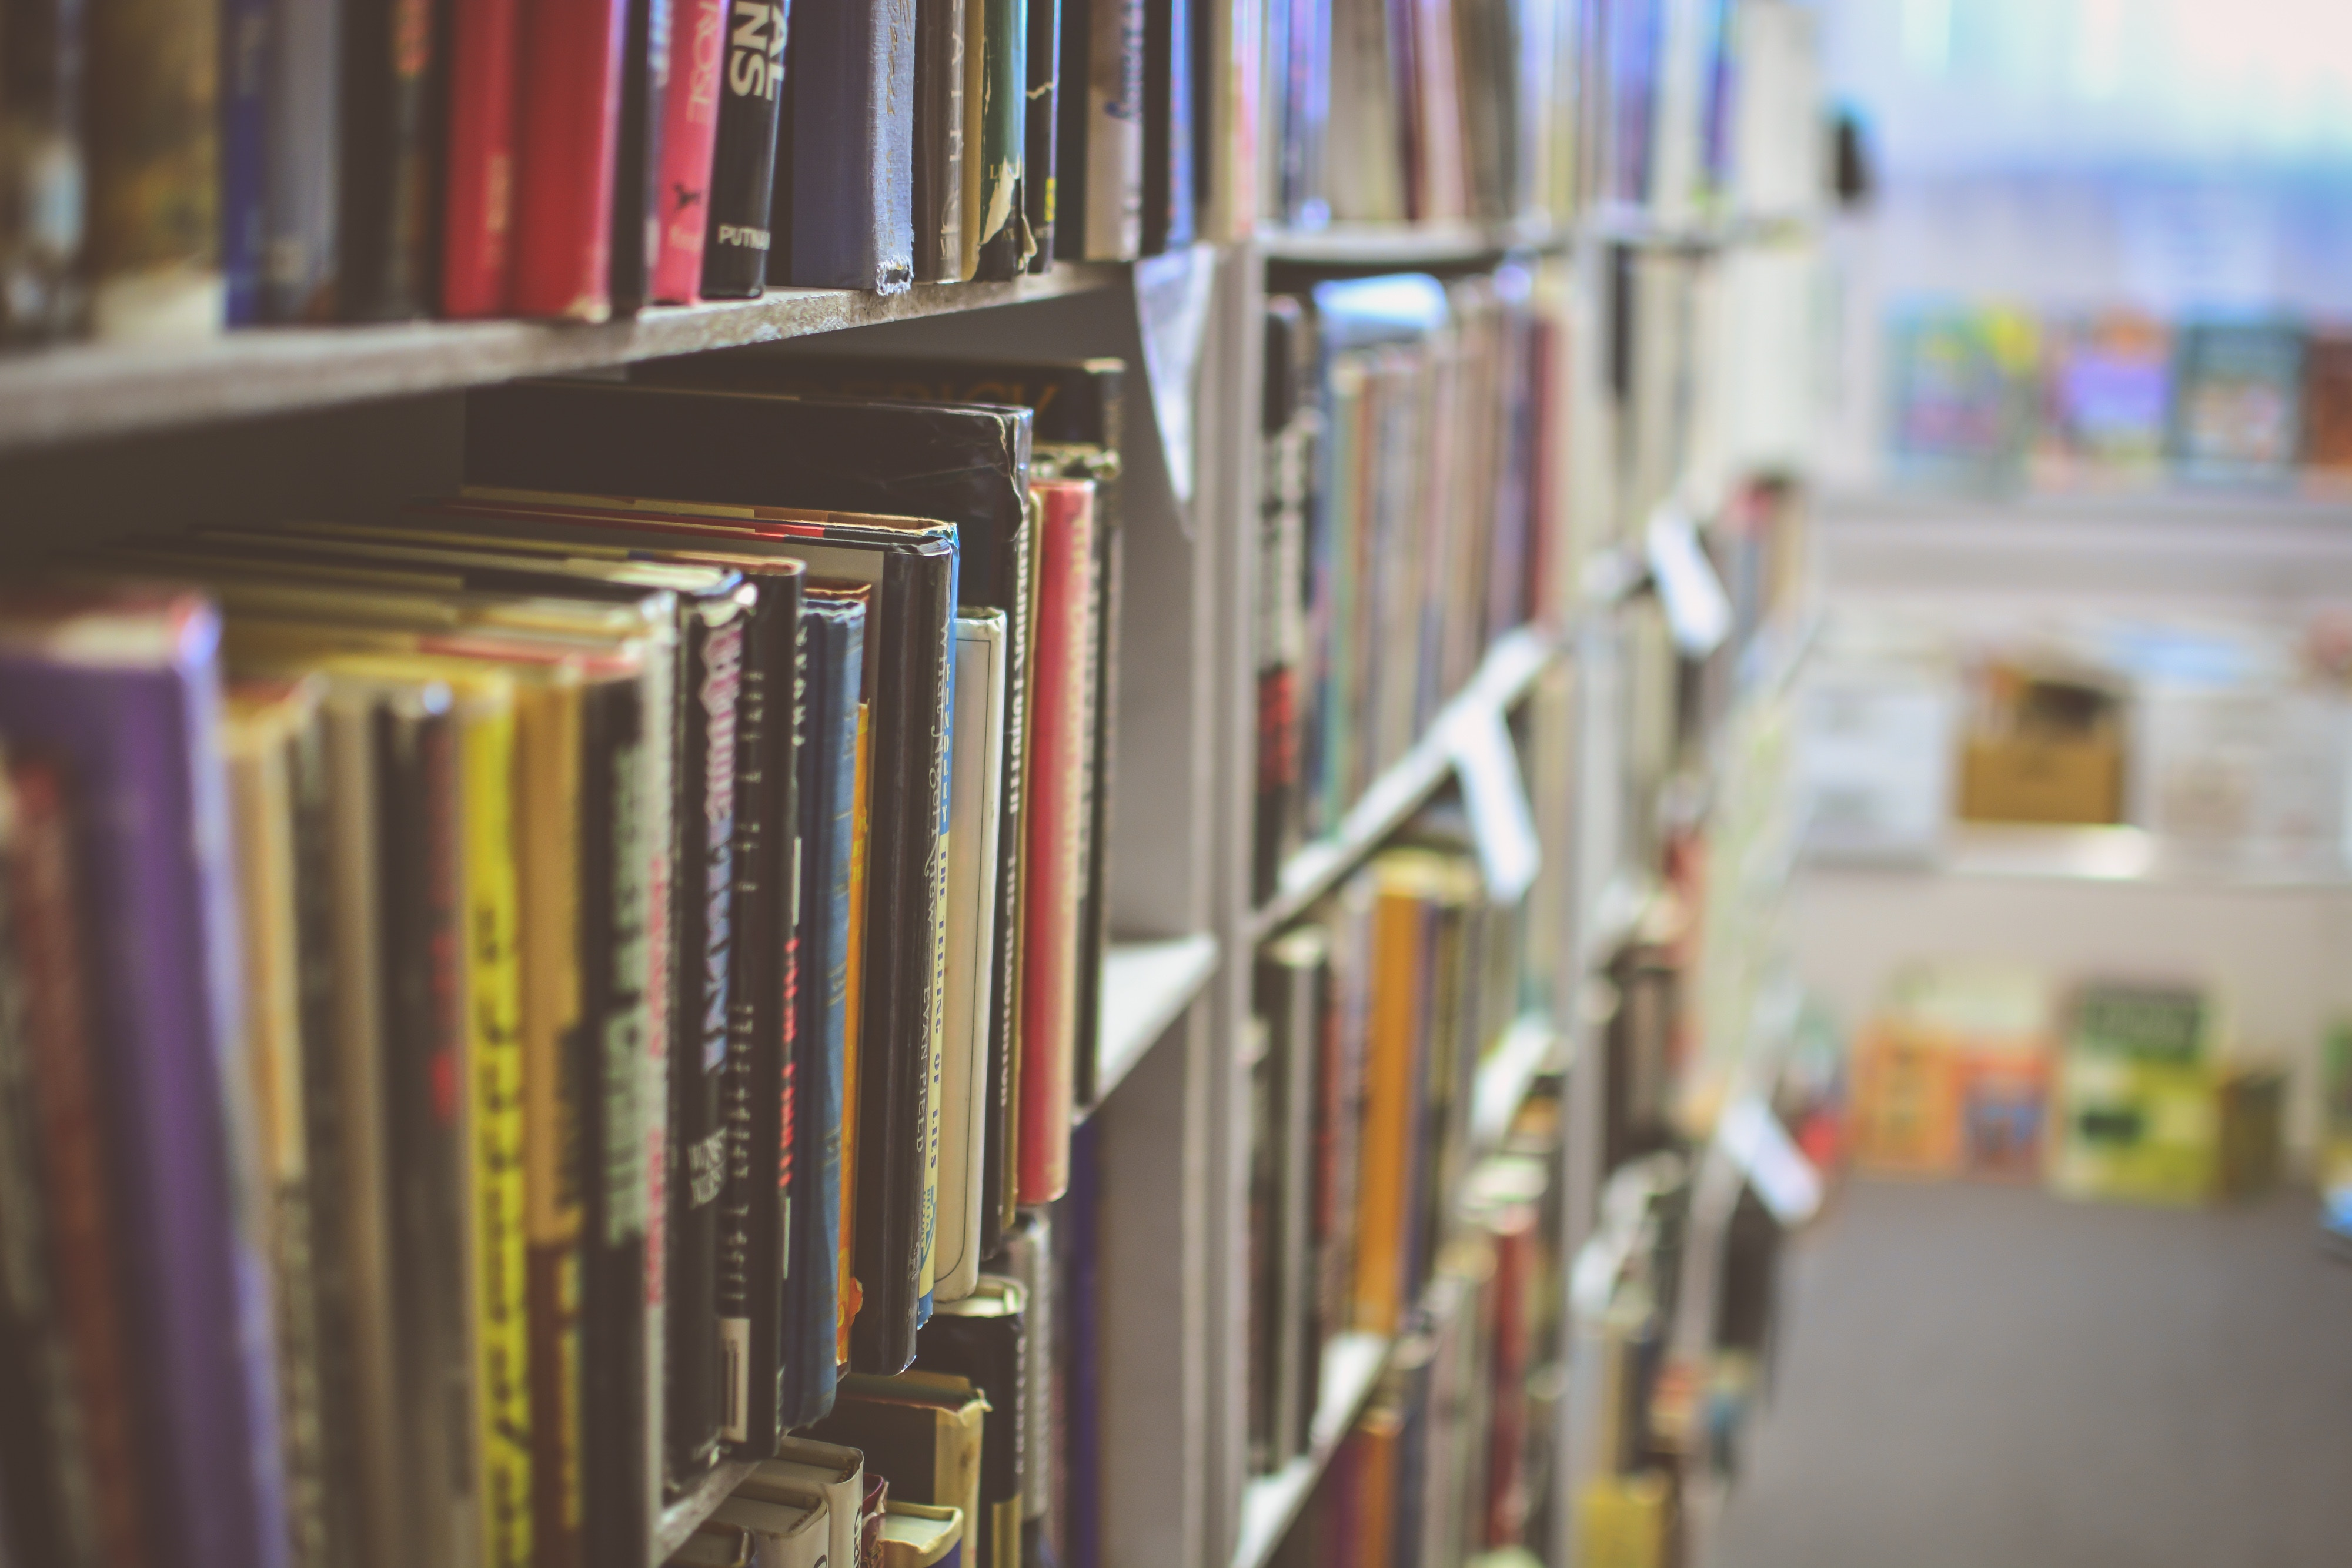 Bøker i bokhylle. Bilde av Jamie Taylor fra Unsplash.